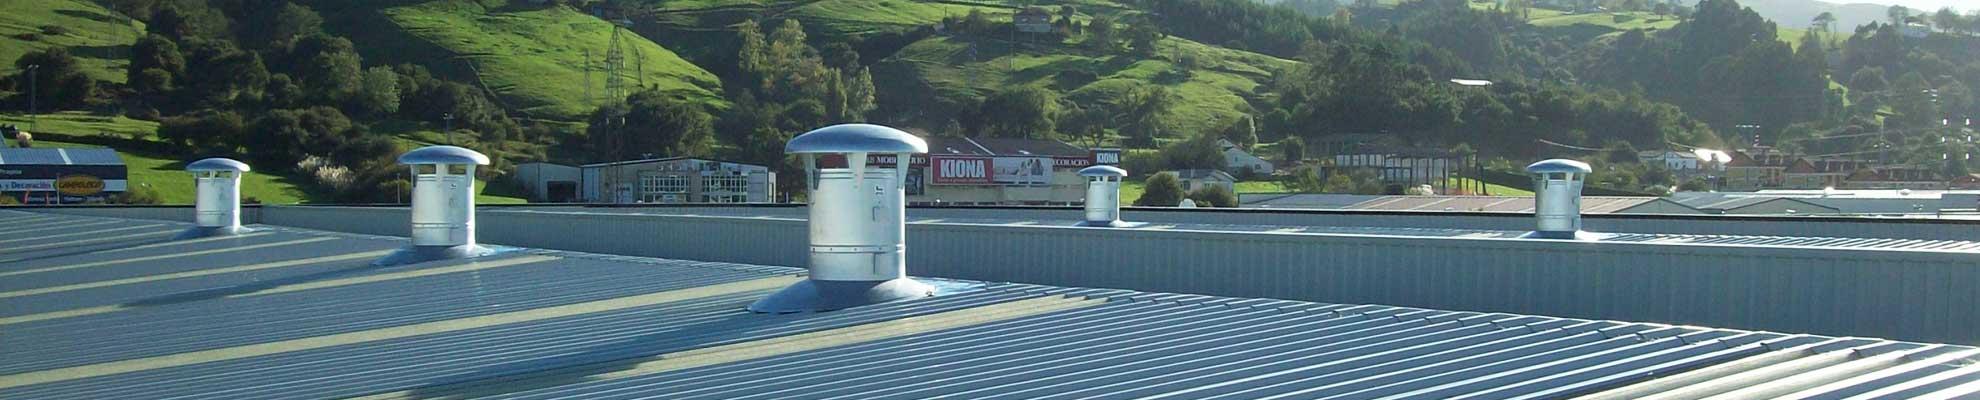 Sistemas de ventilación industrial para todo tipo de industrias en Futurvent